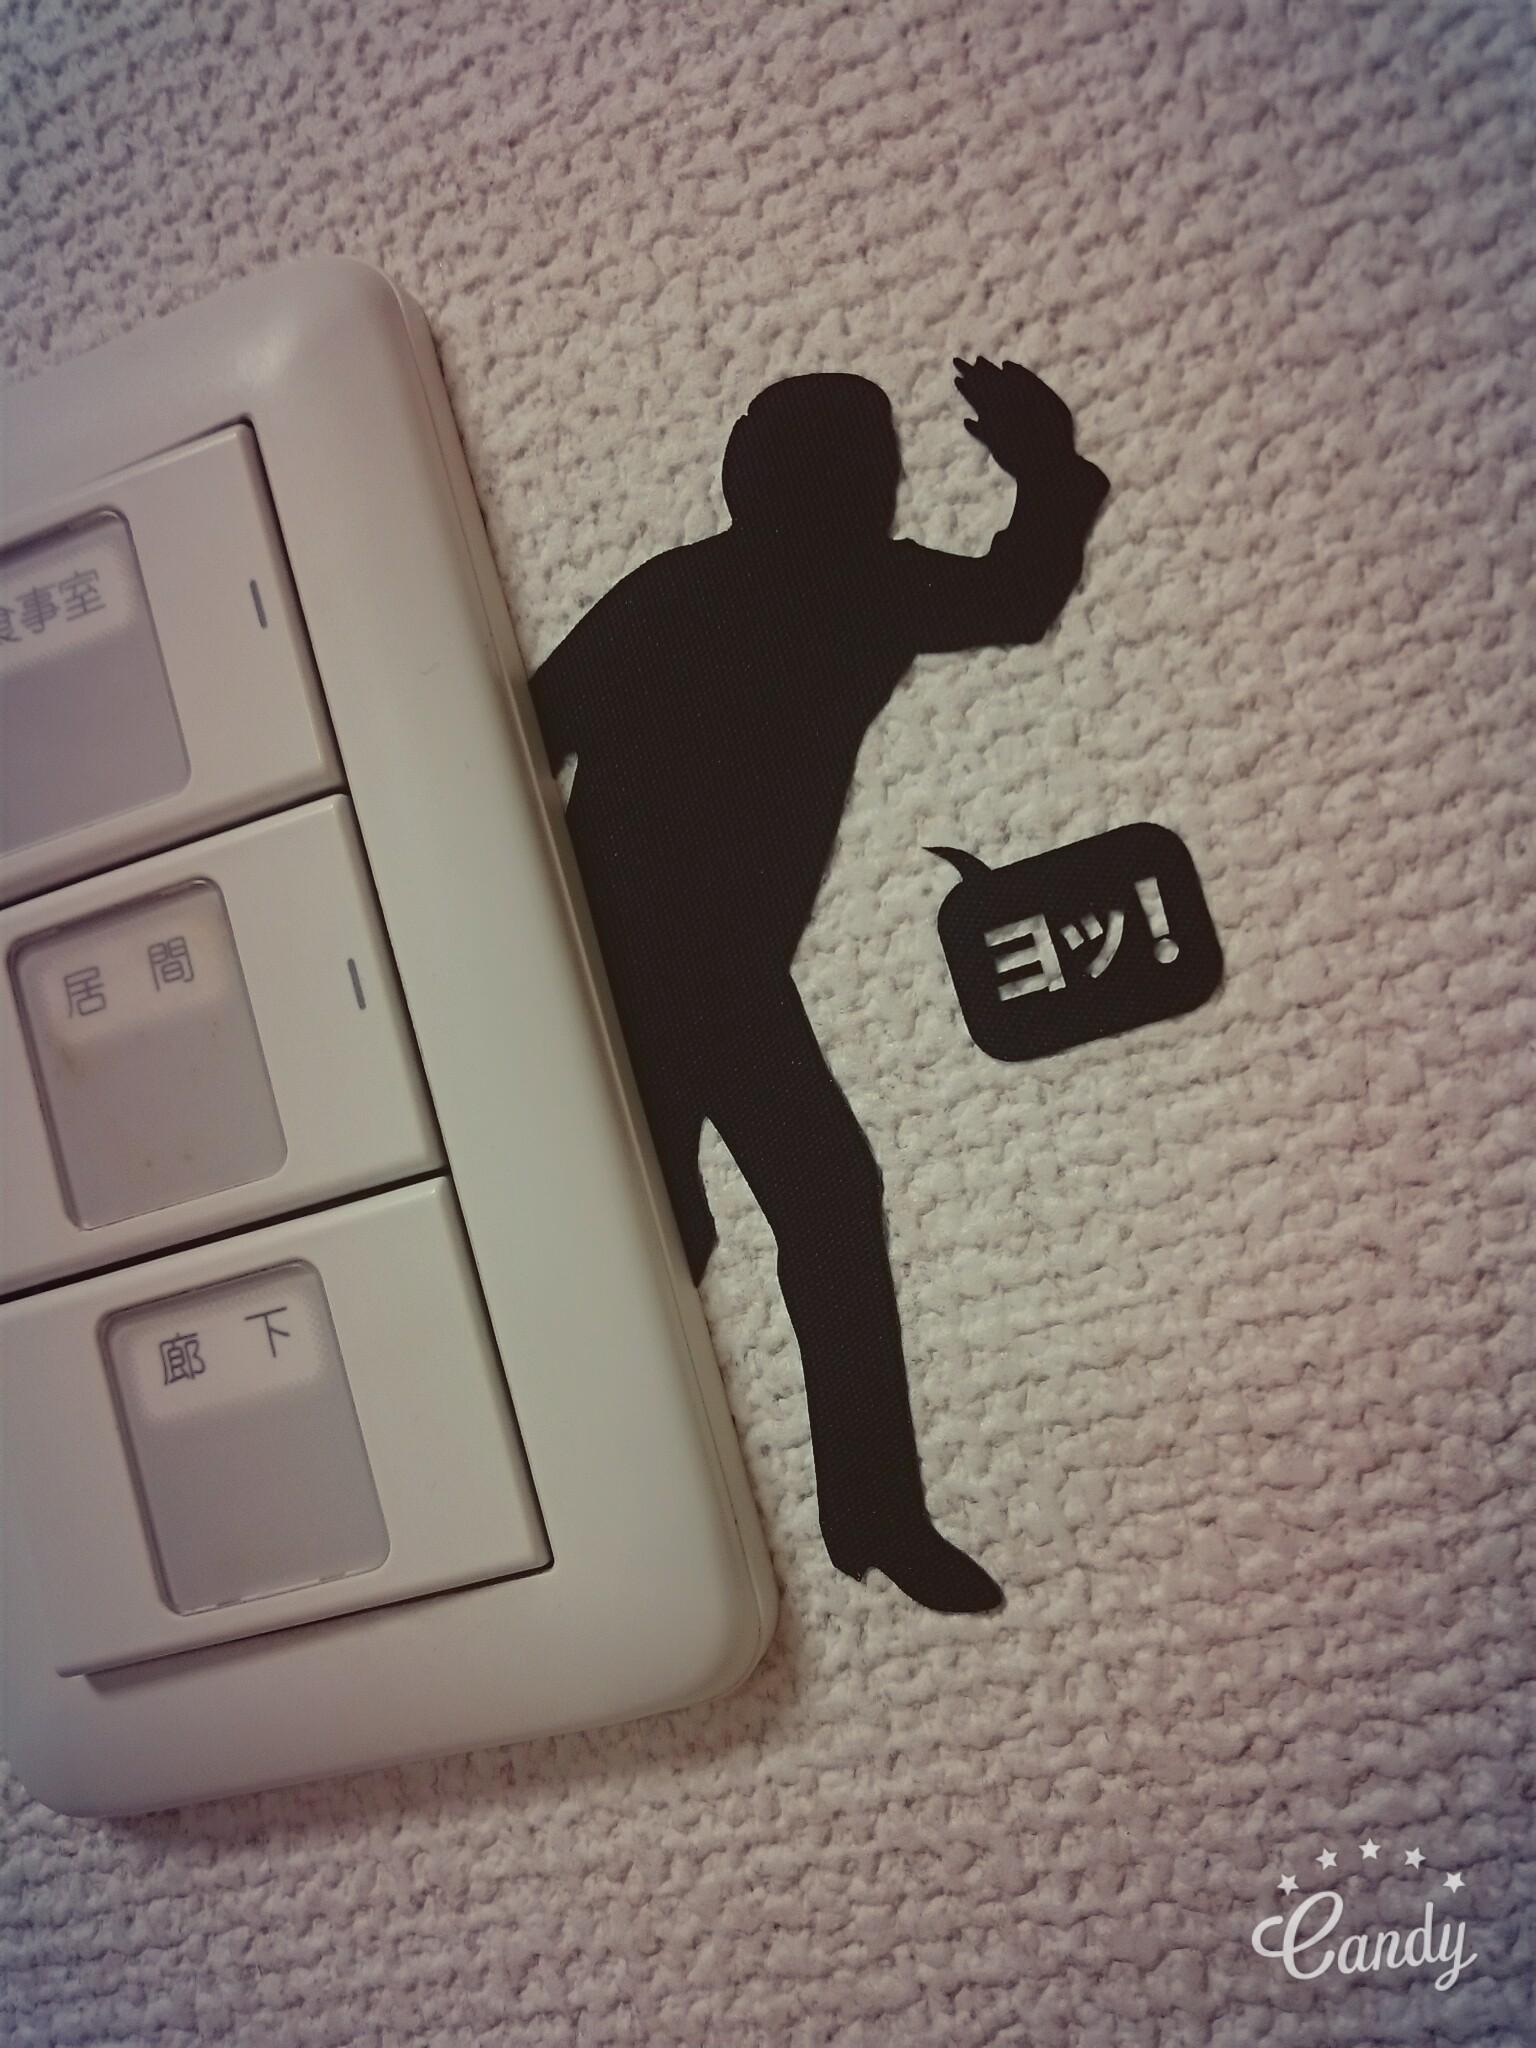 るい「☆またつまらぬ物を買ってしまった( ˙O˙ )☆」01/28(土) 03:18 | るいの写メ・風俗動画